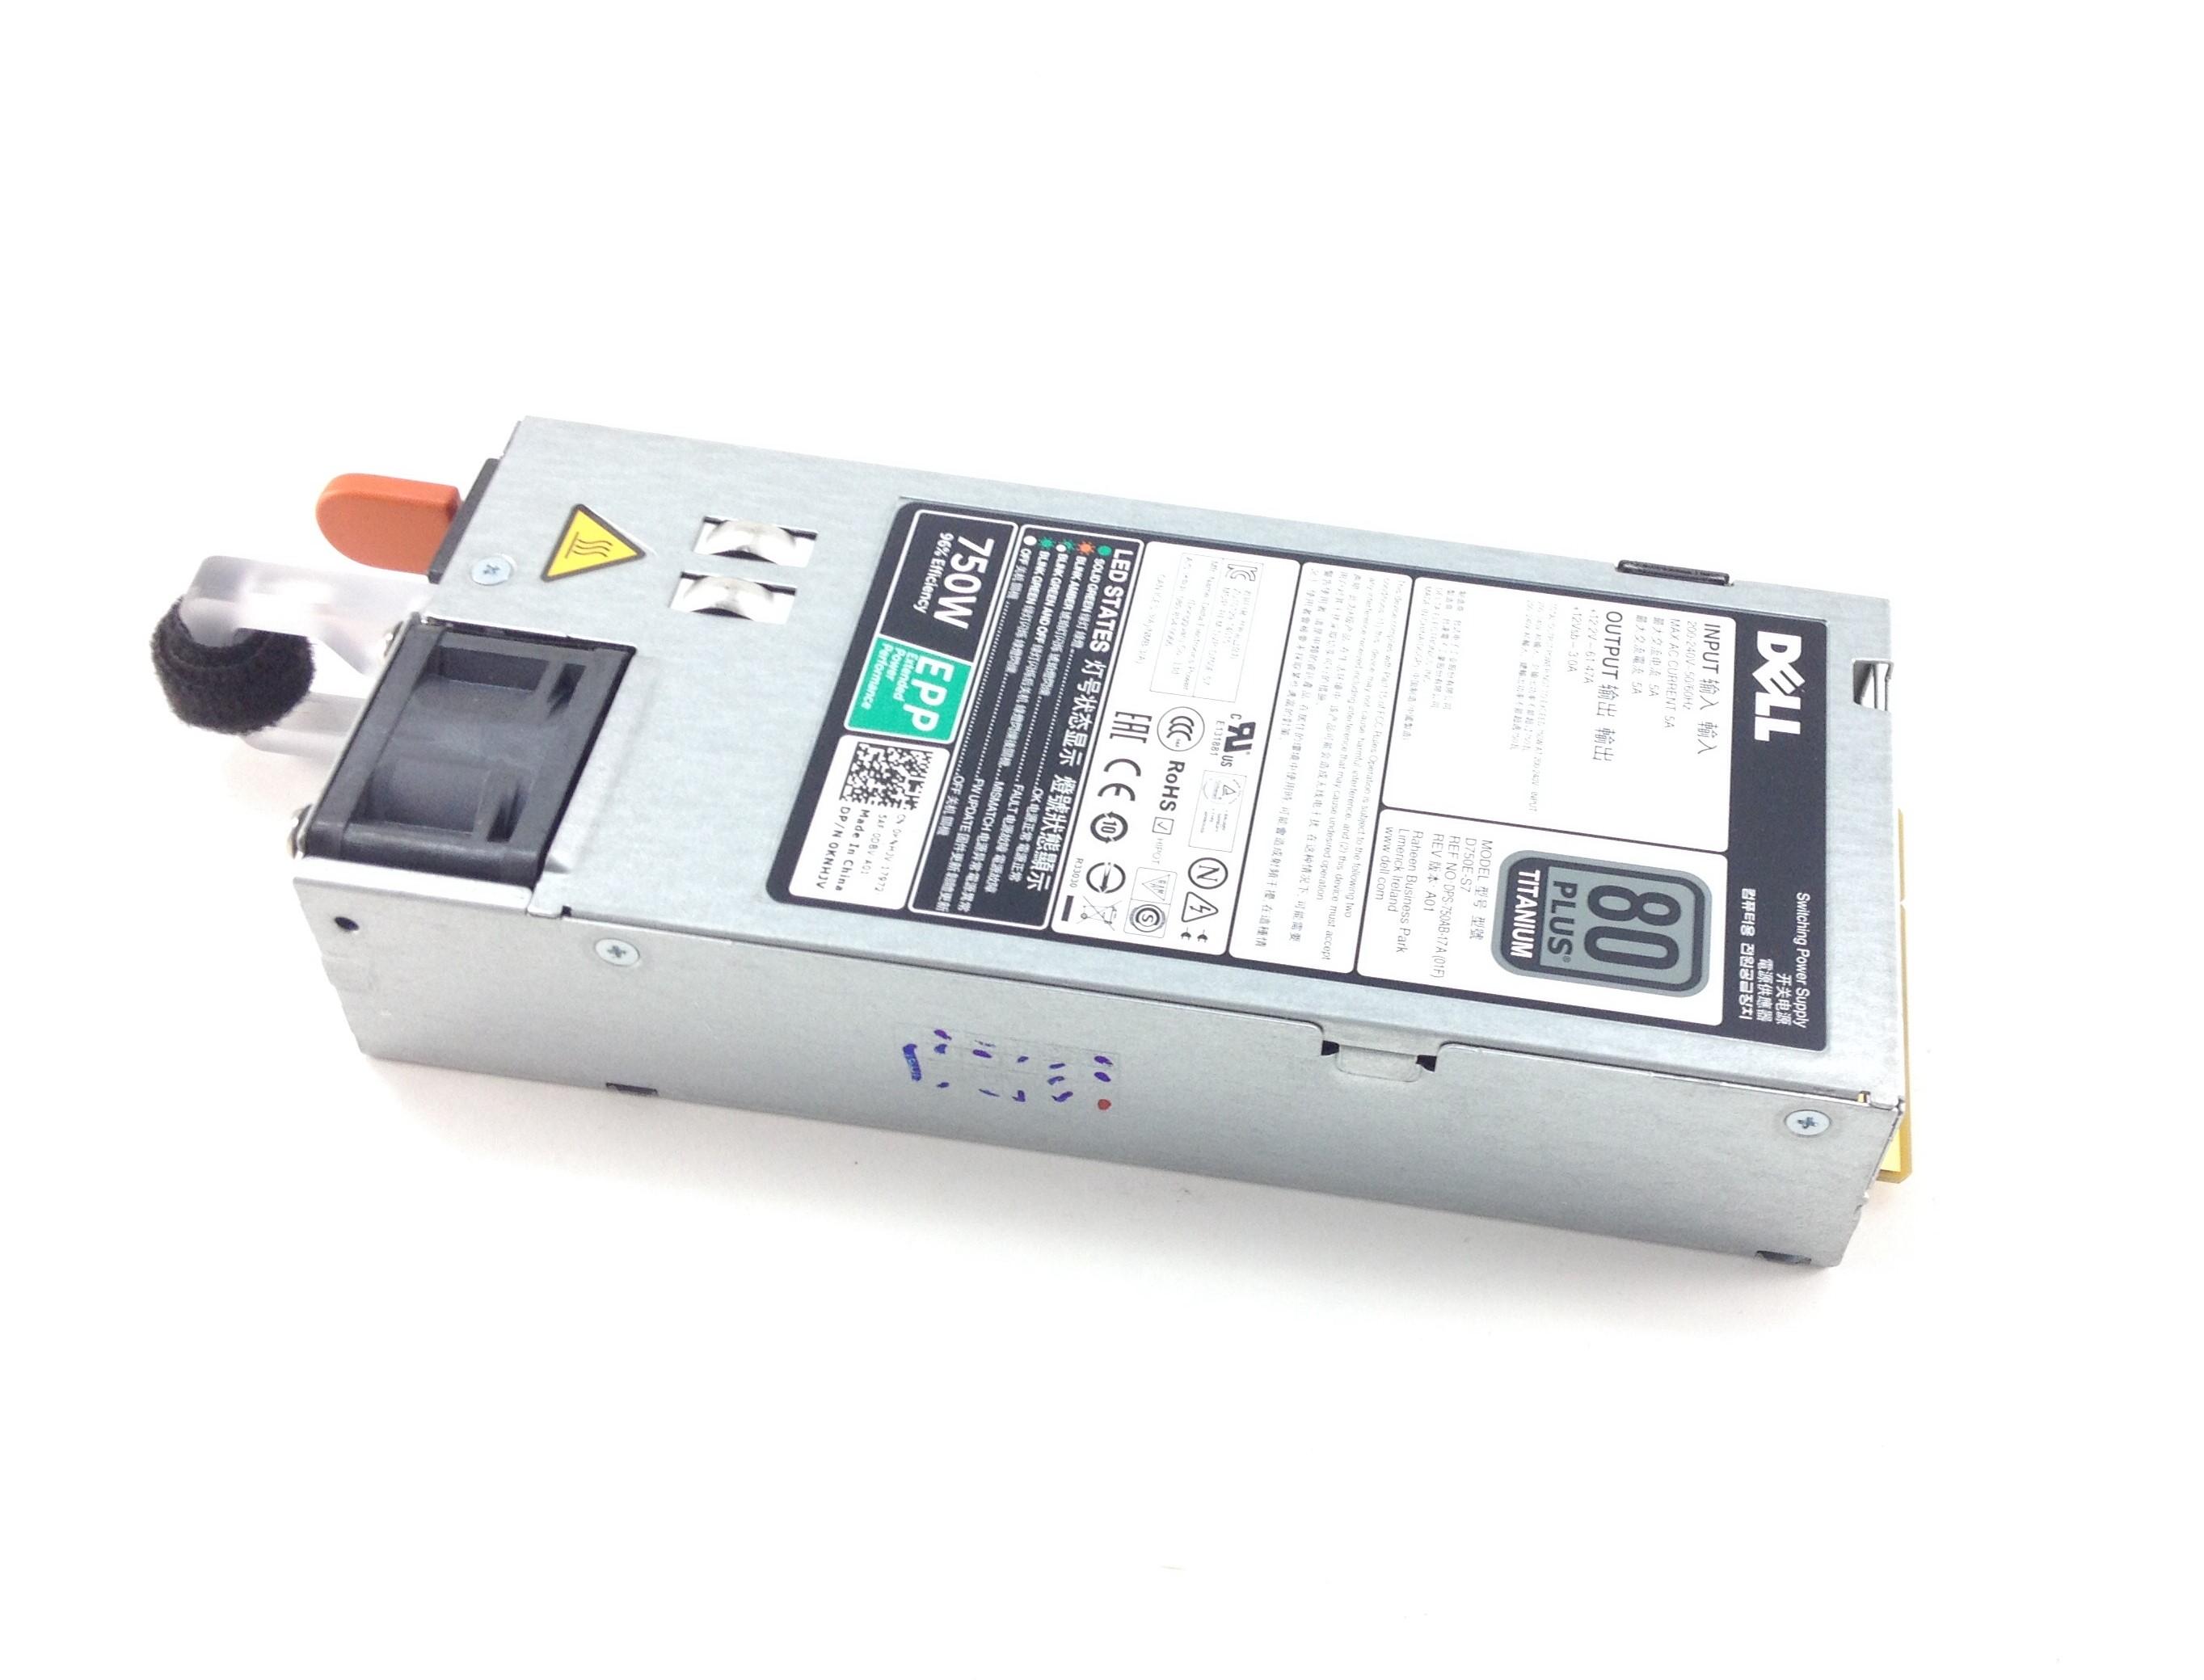 KNHJV Dell PowerEdge R630/R730 80 Plus Titanium 750W Power Supply (KNHJV)